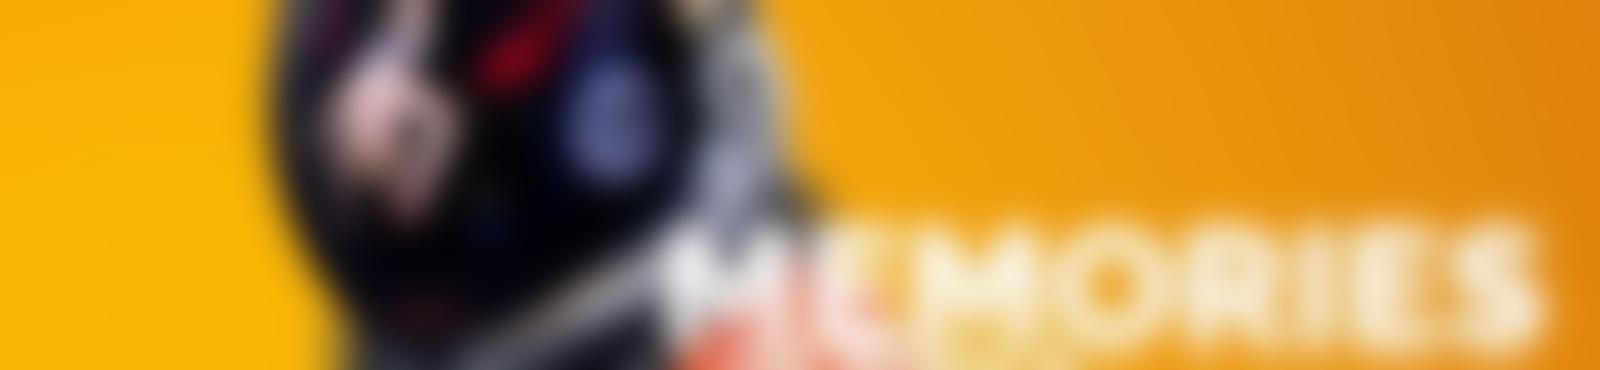 Blurred 52878580 8c58 4d54 b05c a56cd175abc7